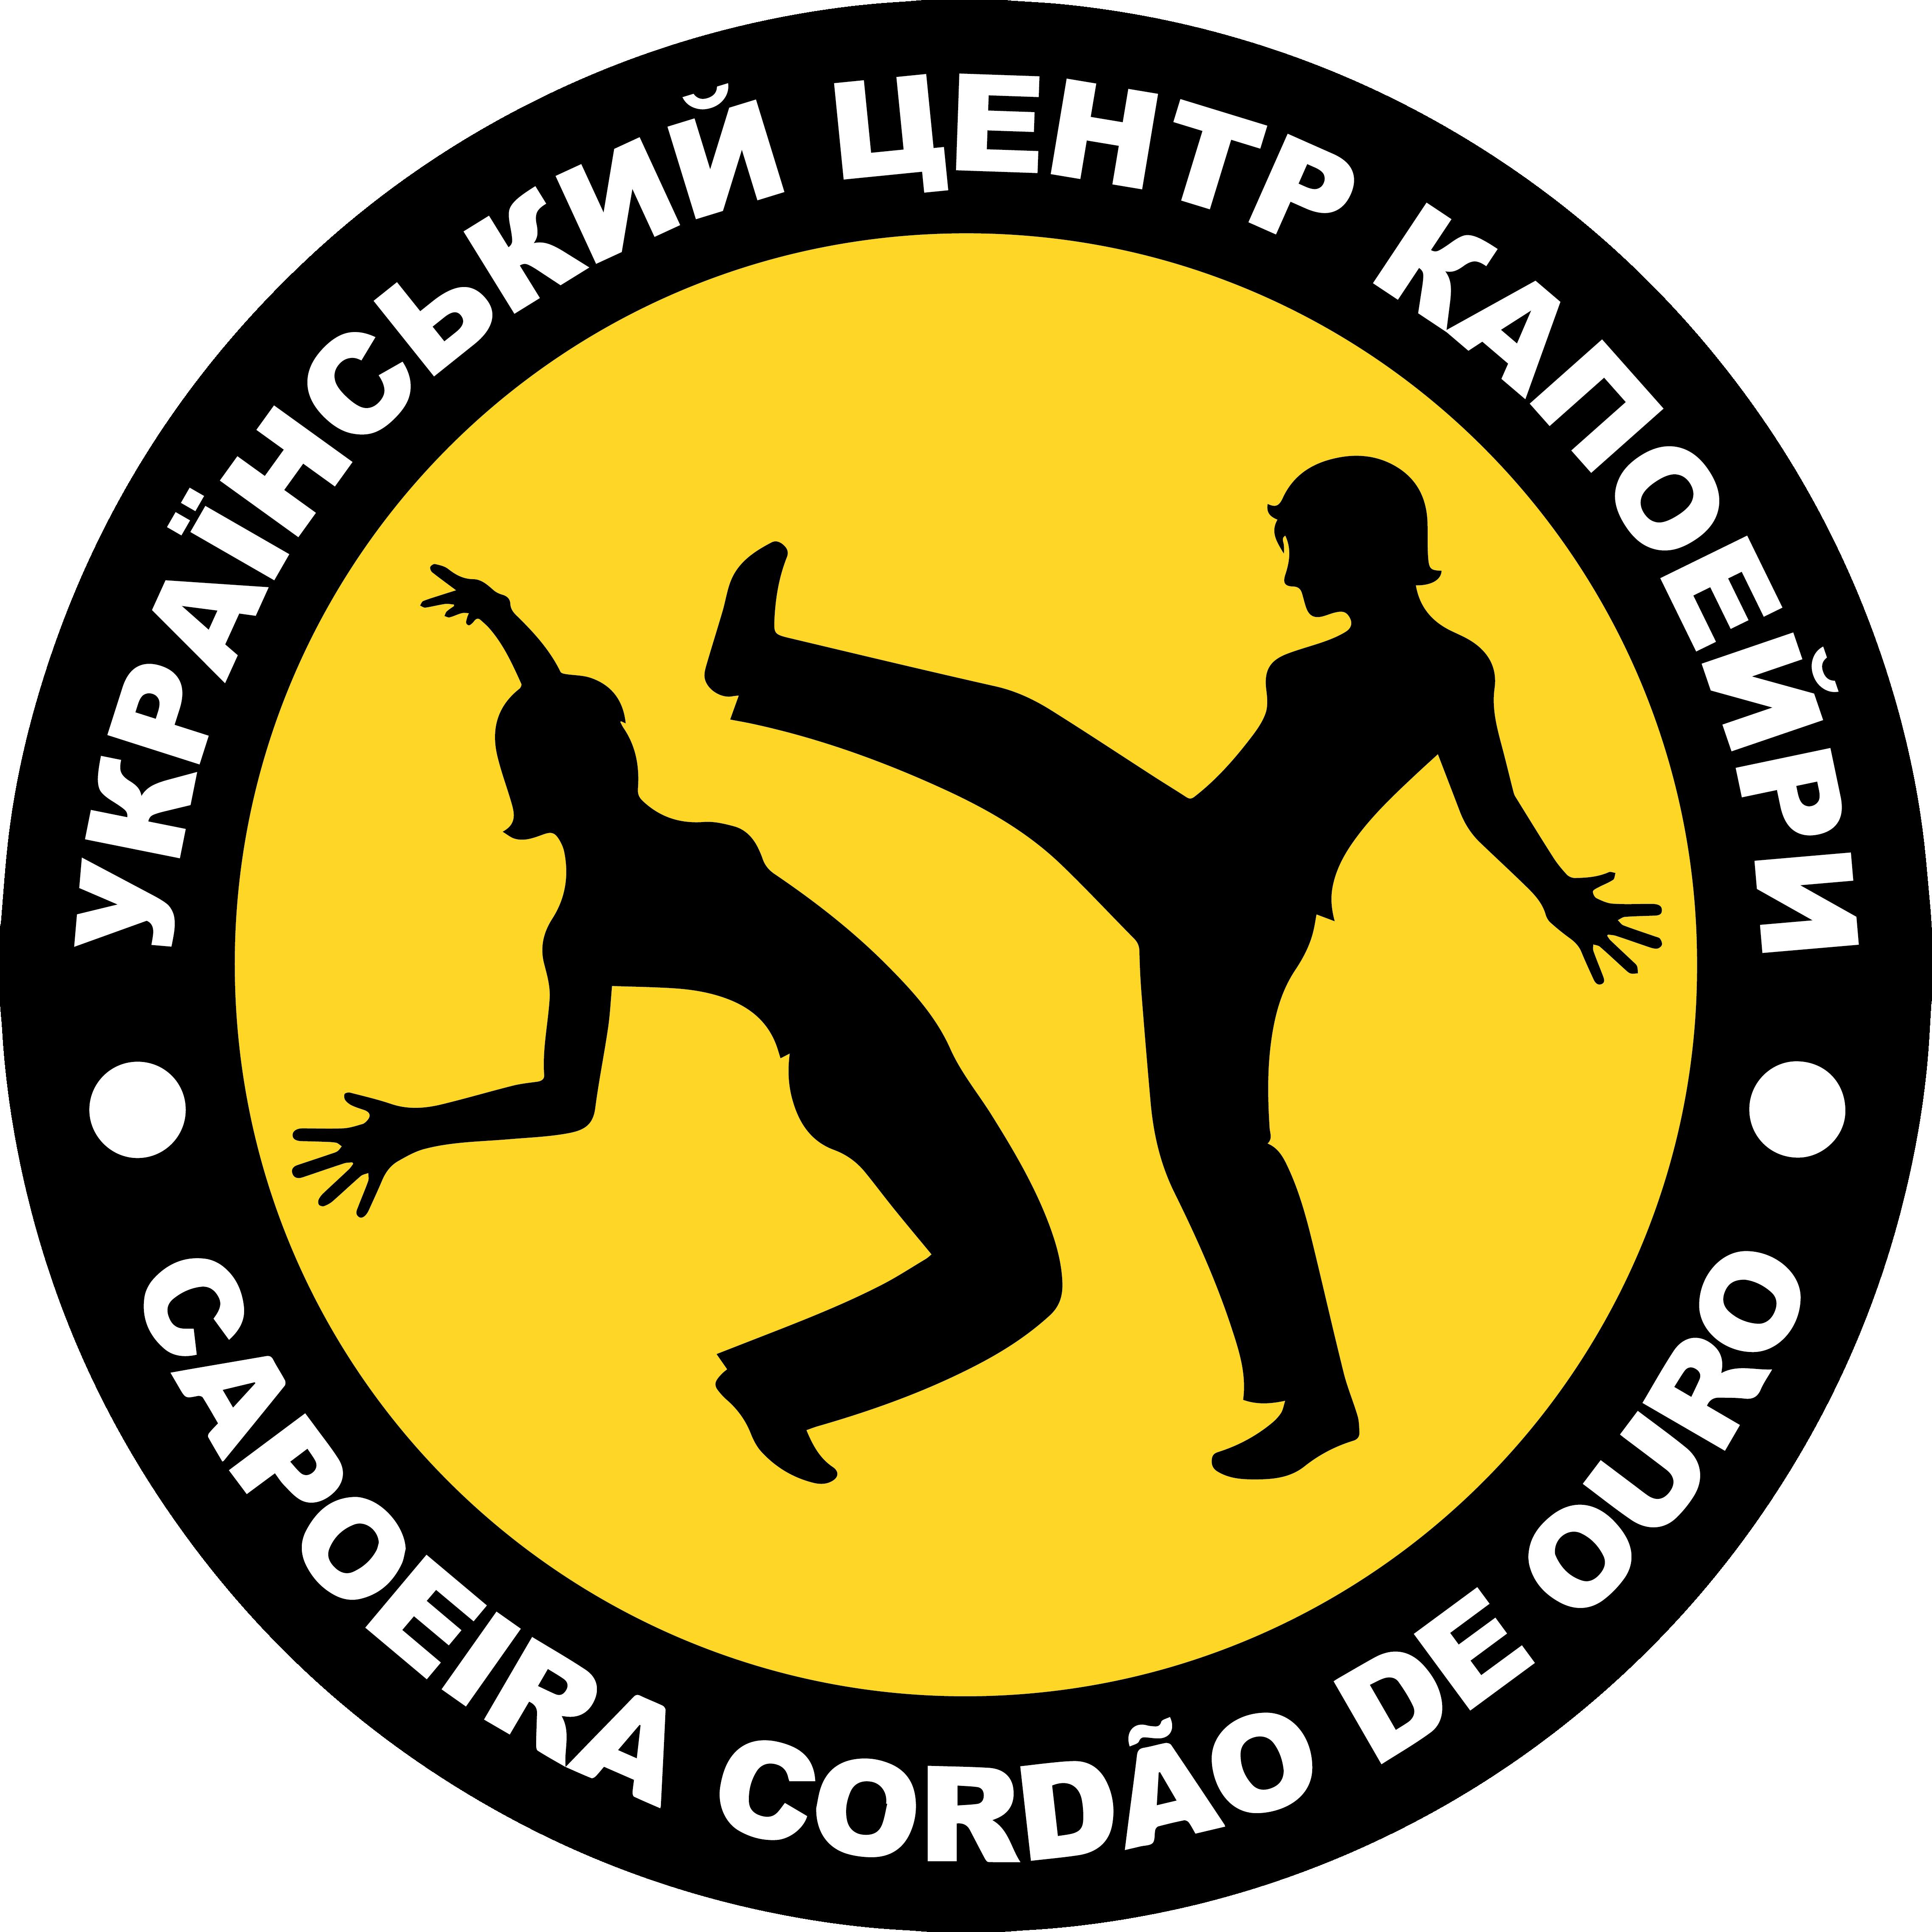 Capoeira Lviv